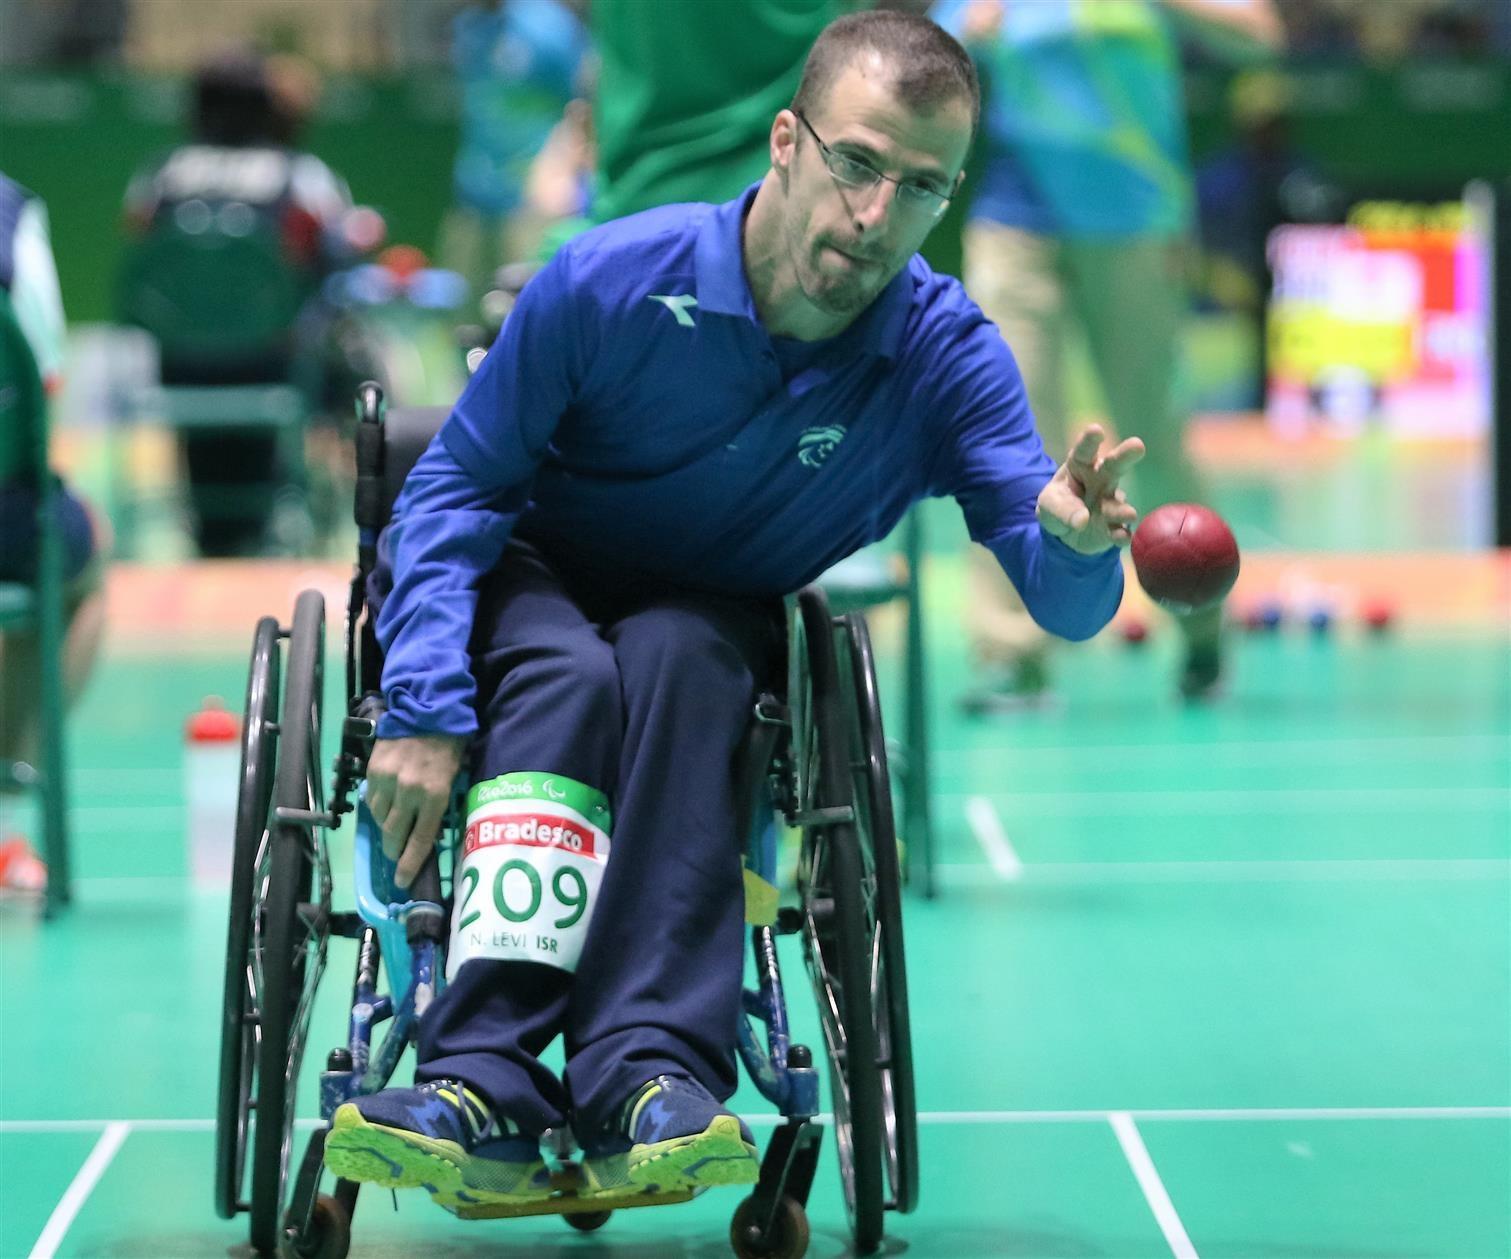 נדב לוי - השתתפות במשחקים הפראלימפים ריו 2016